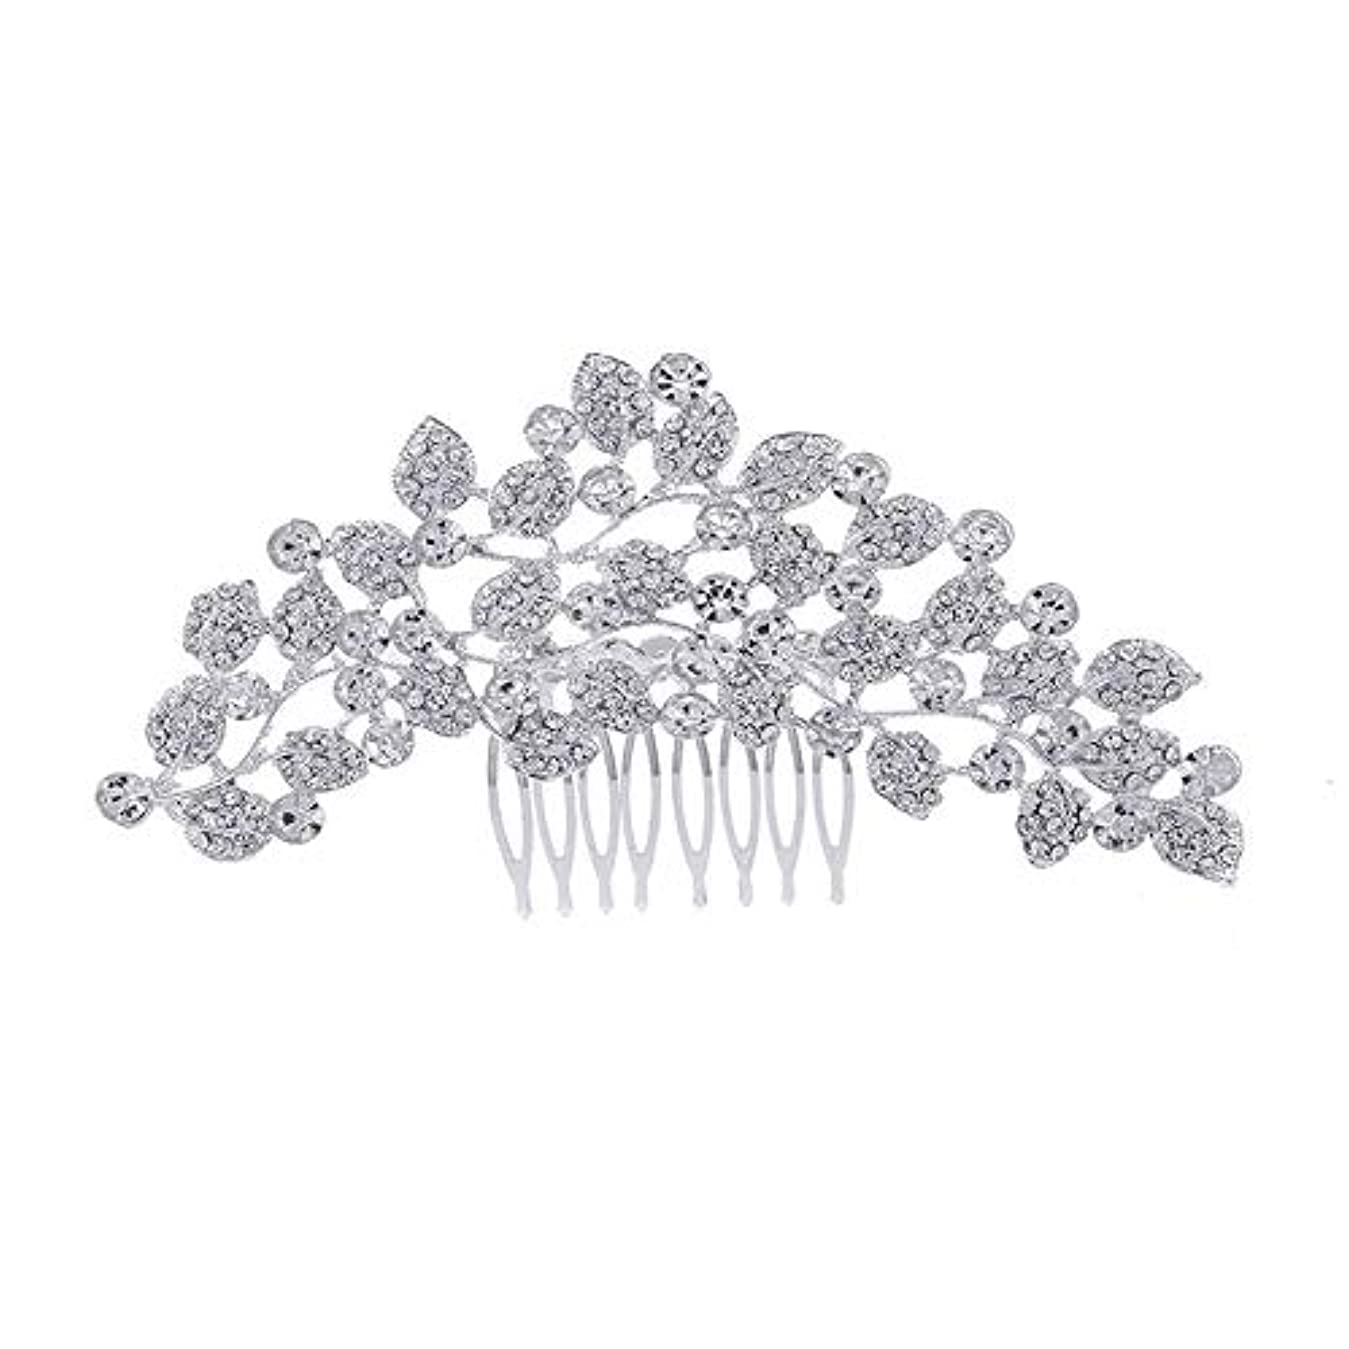 サンダープーノ大型トラック髪の櫛、櫛、ブライダル髪、櫛、髪の櫛、ラインストーンの櫛、葉の髪の櫛、結婚式の髪の櫛